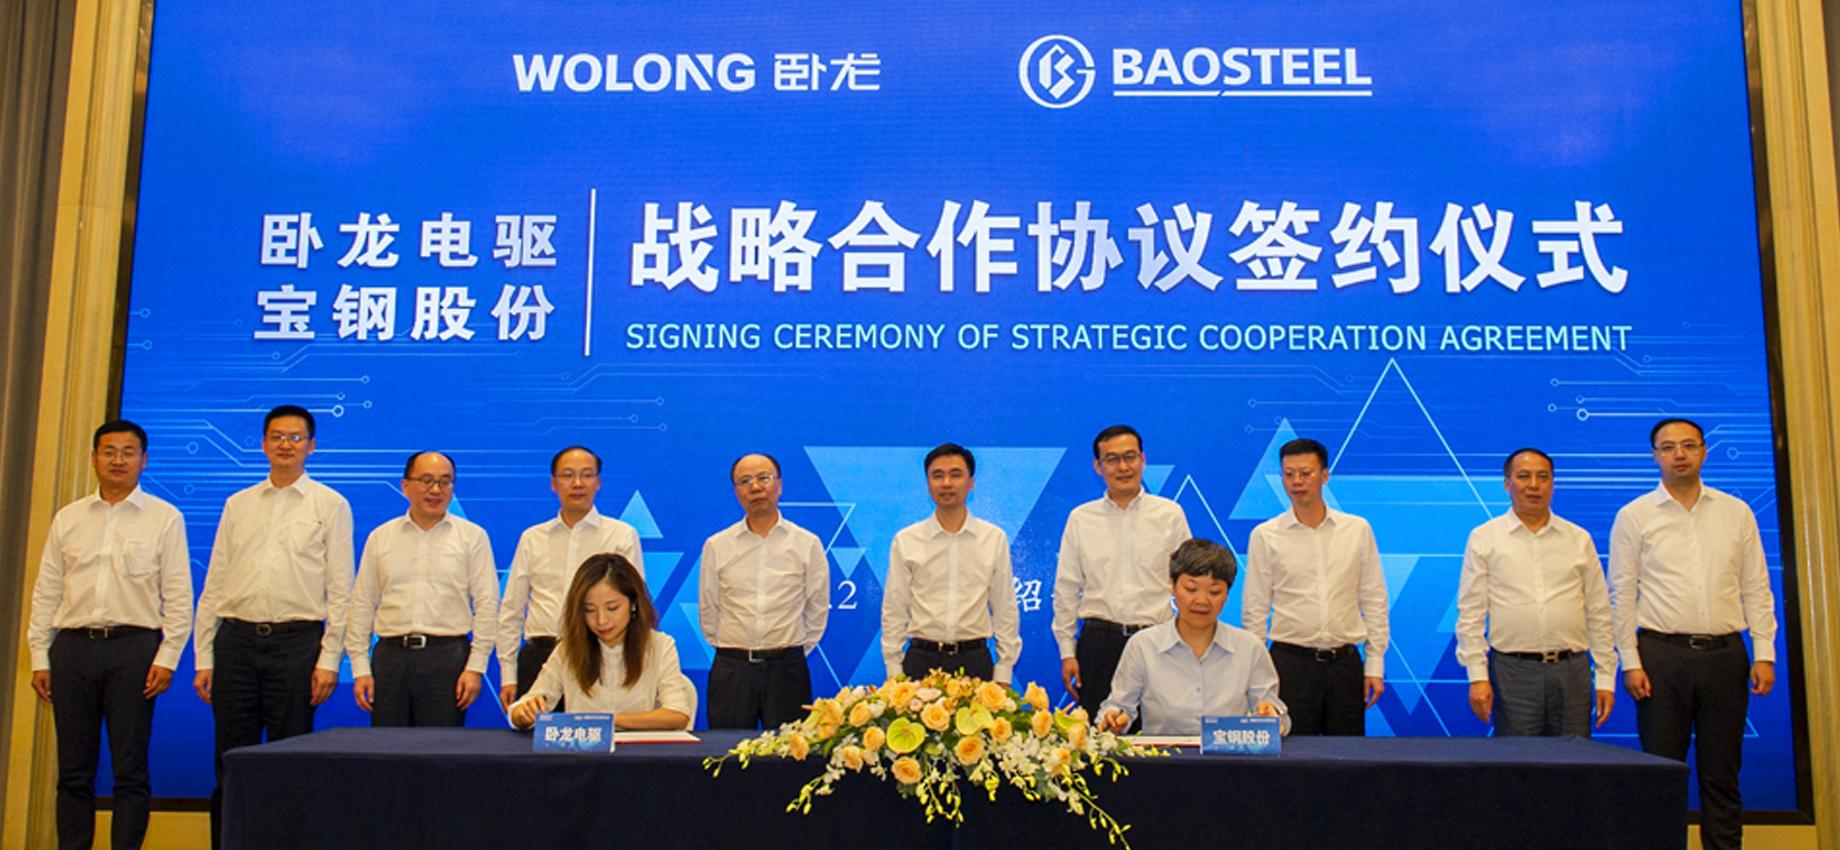 卧龙电驱与宝钢股份强强联手签署战略合作协议!